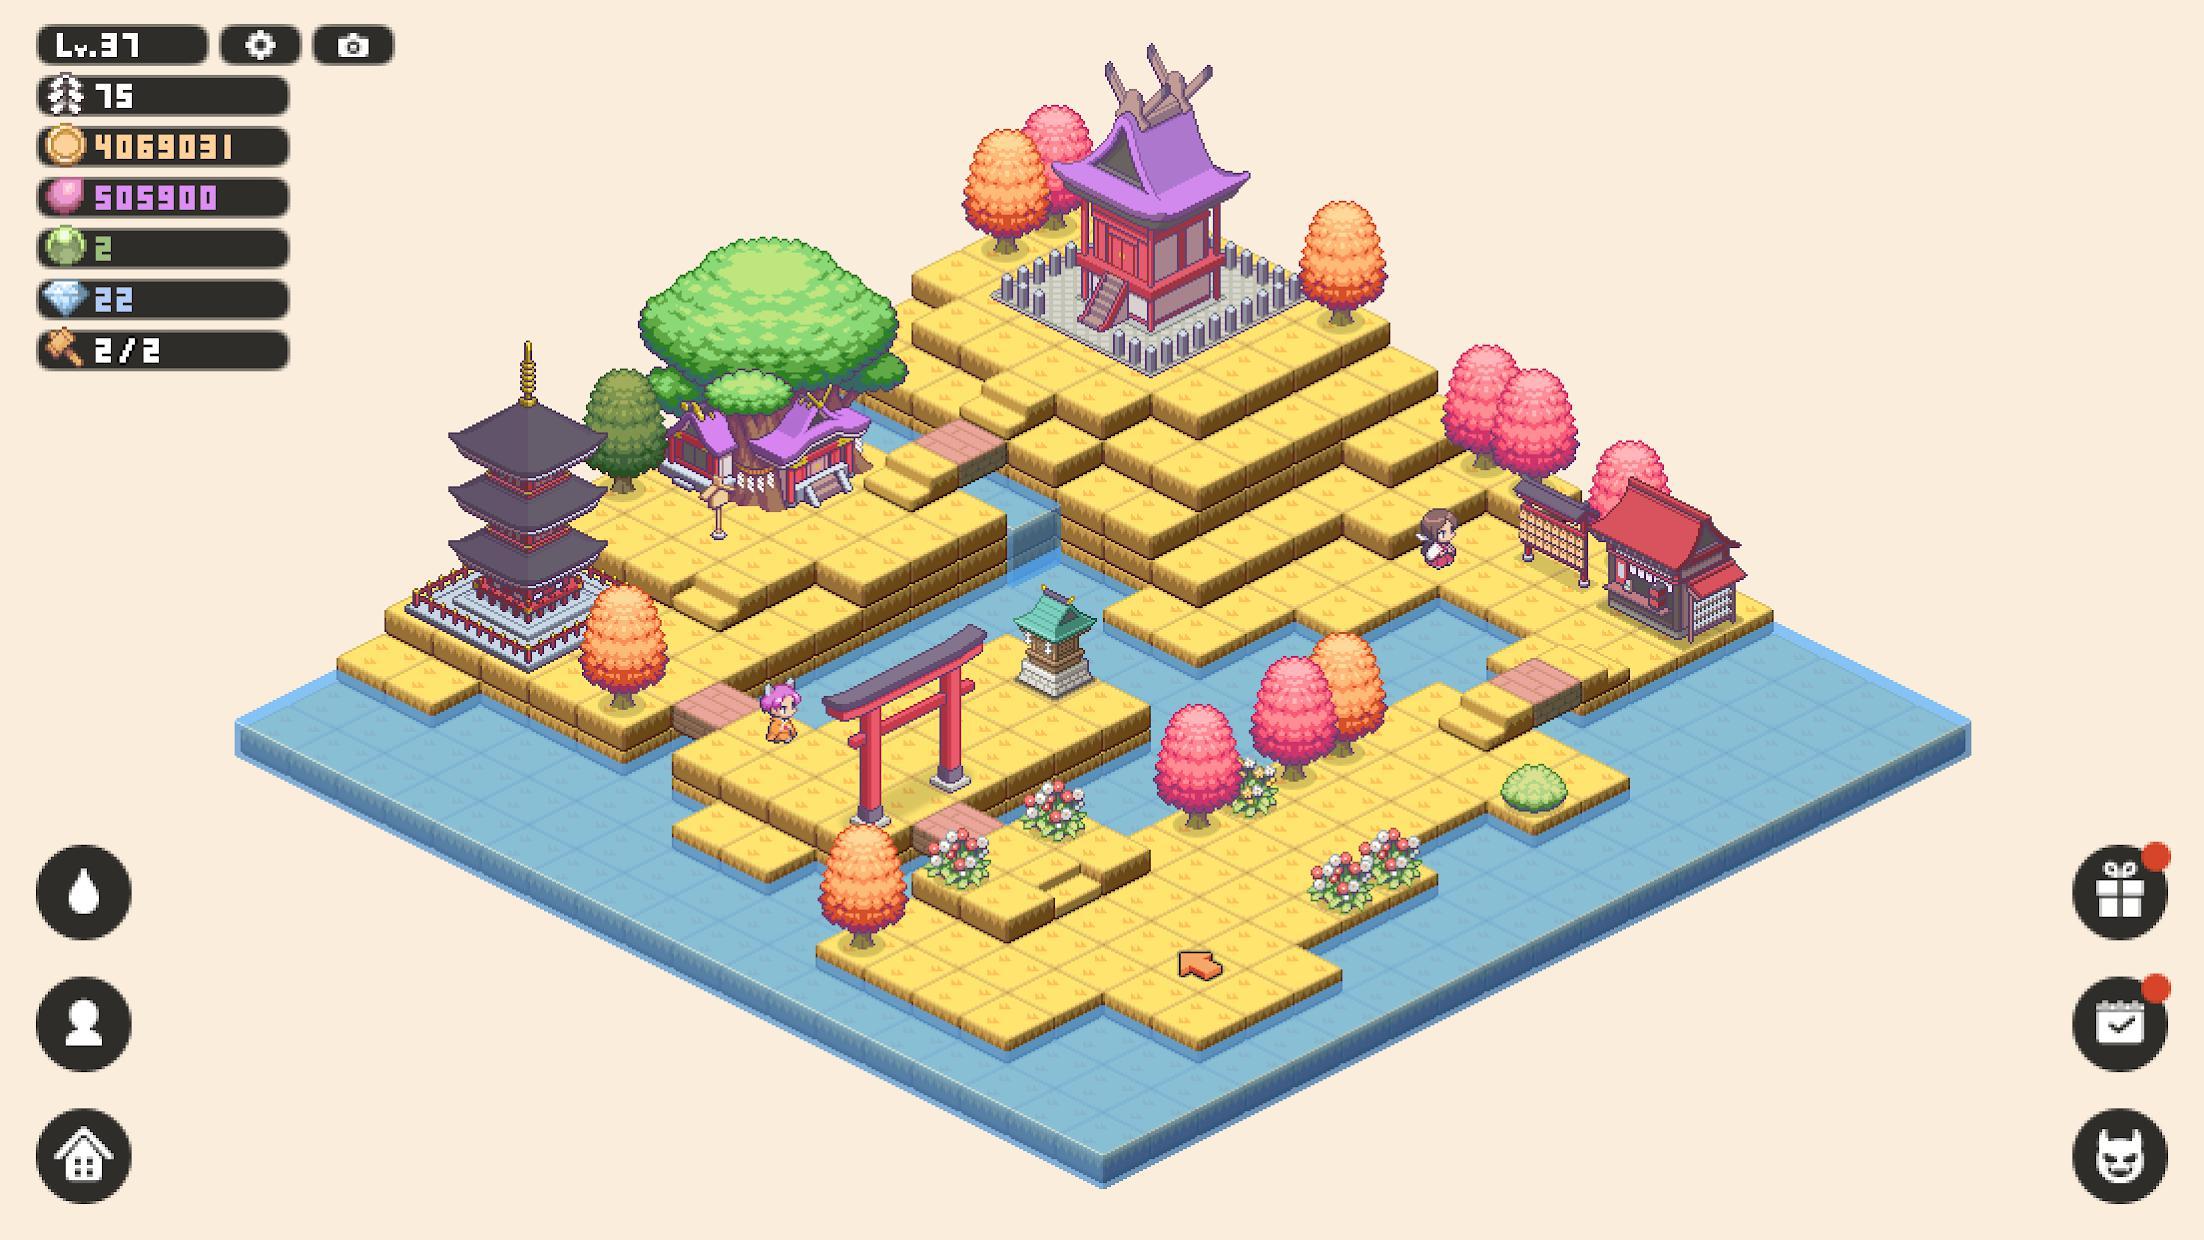 箱庭神社 游戏截图2